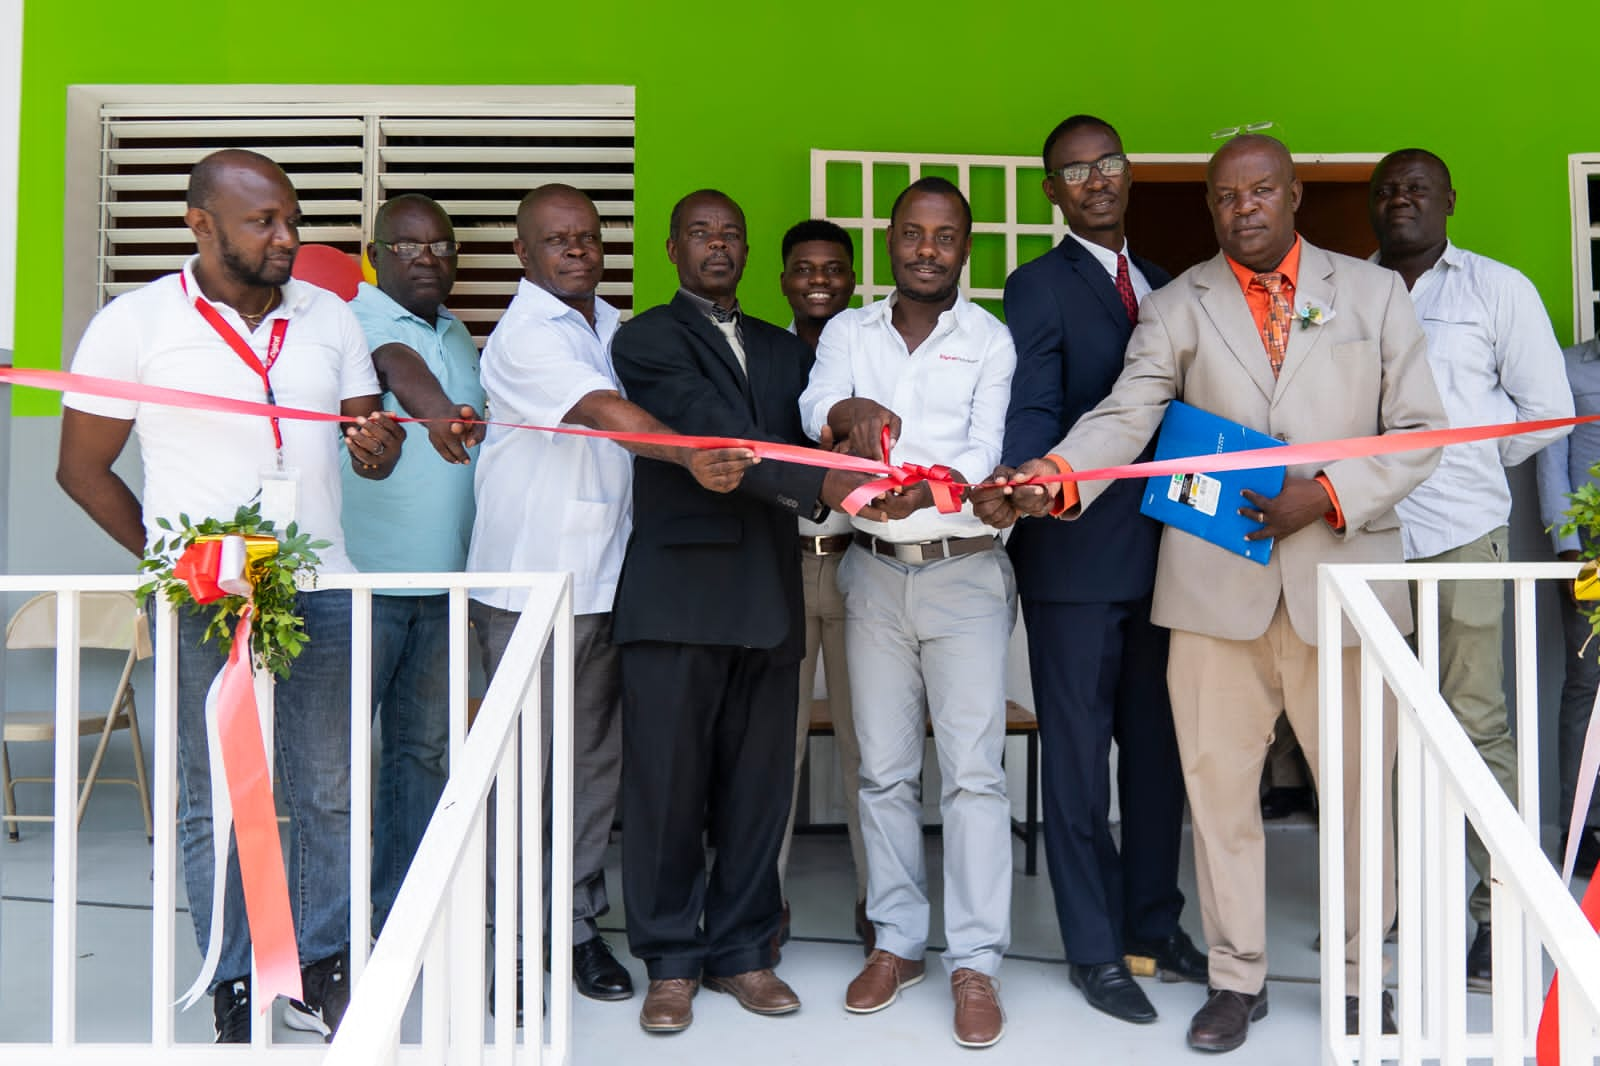 La fondation Digicel inaugure son 186ème établissement scolaire